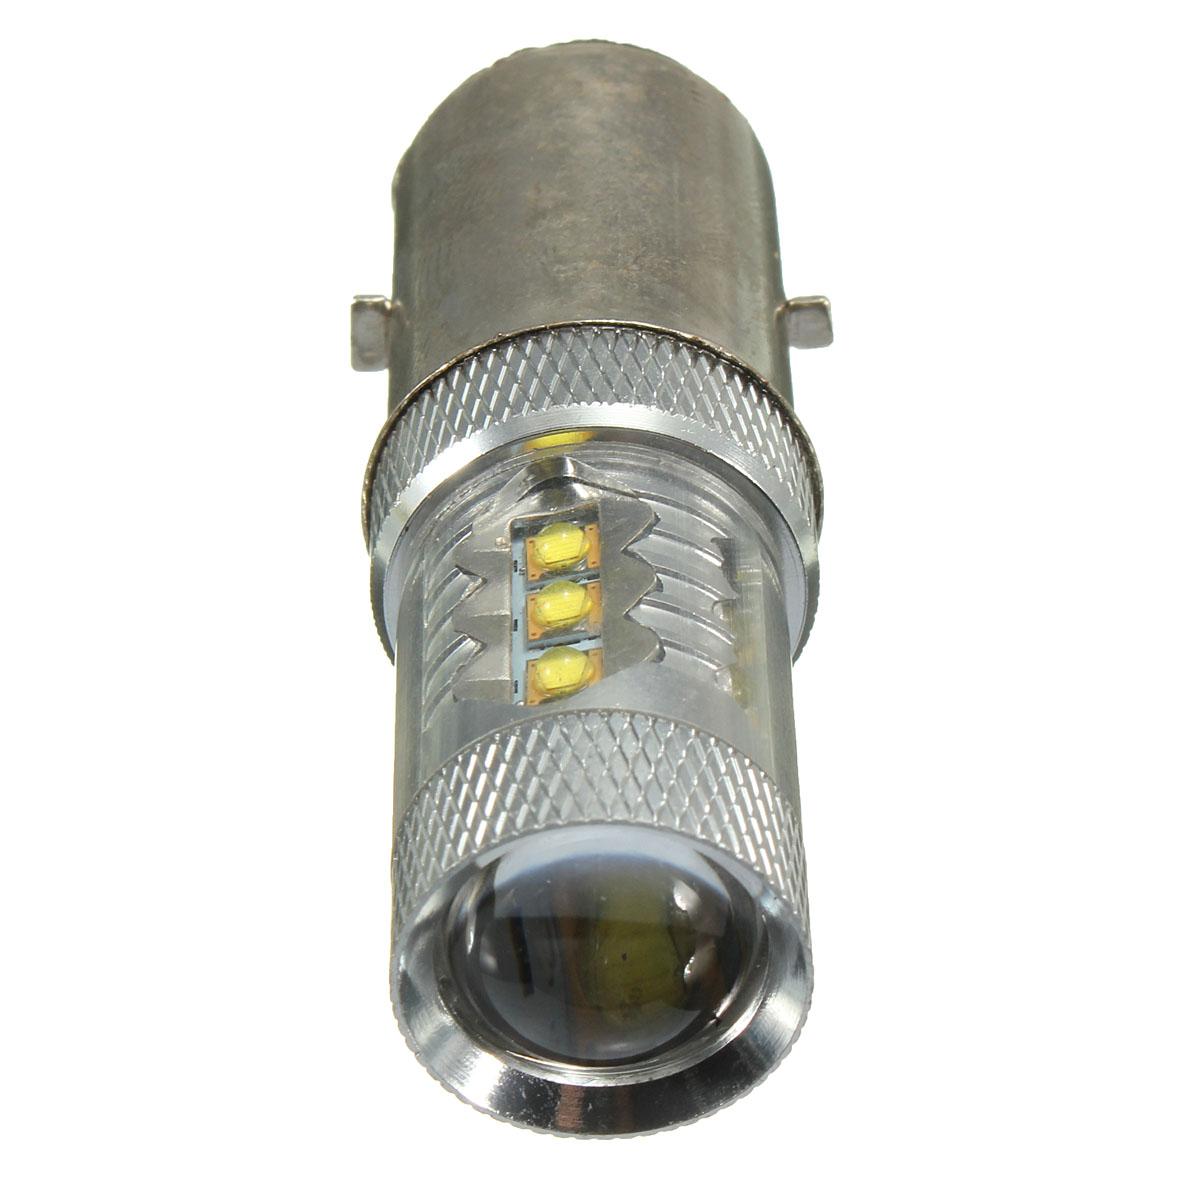 Atv Headlight Bulbs : V w ba d h white led motorcycle motorbike moped